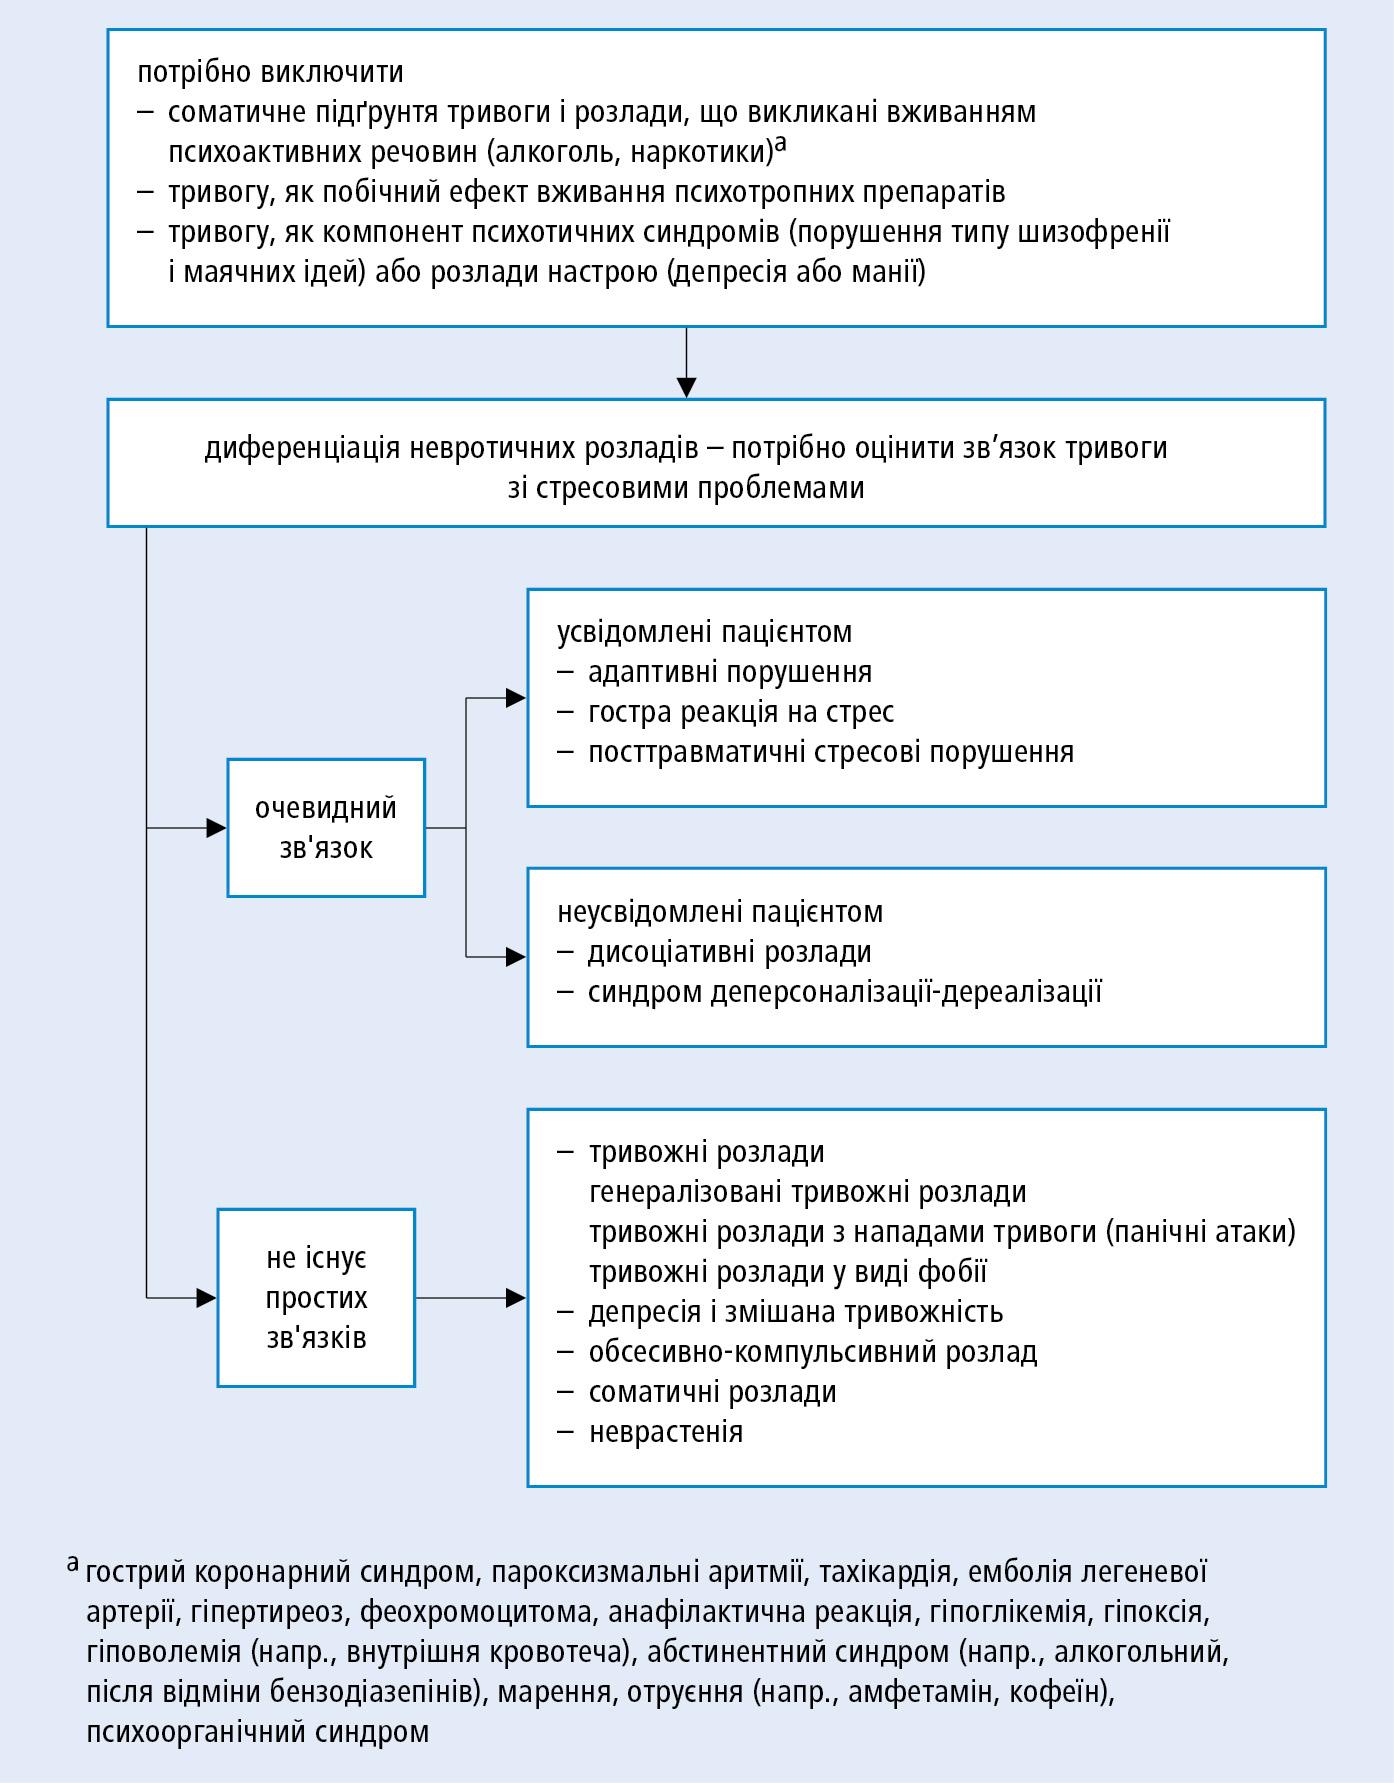 Схема діагностики невротичних розладів, у відповідності до МКХ-10